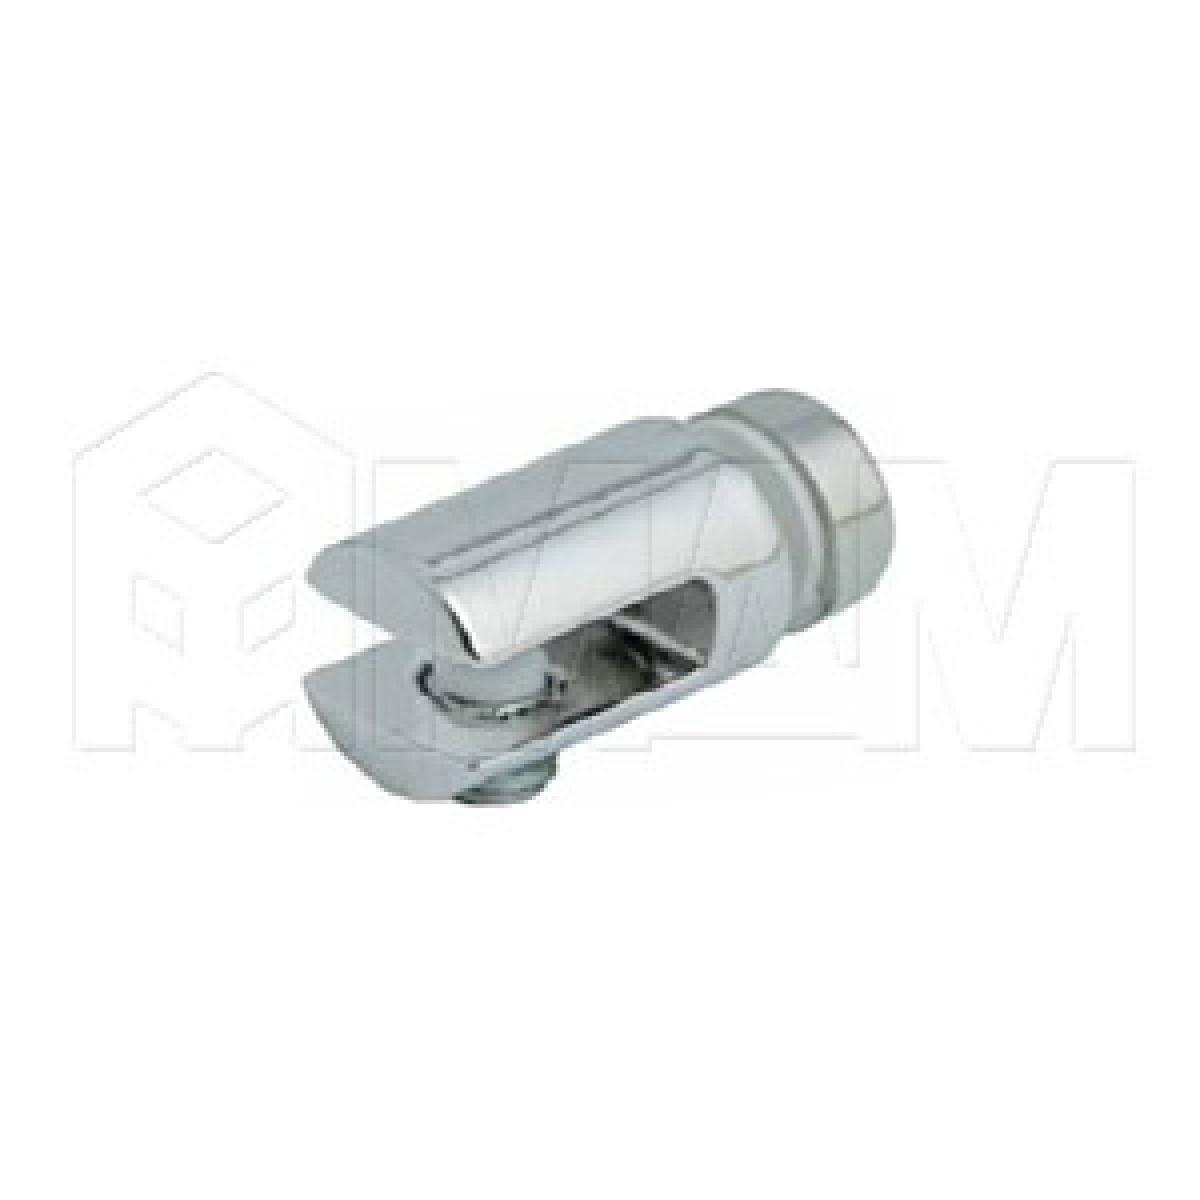 Полкодержатели - Полкодержатель для стекла 5-6 мм односторонний, хром